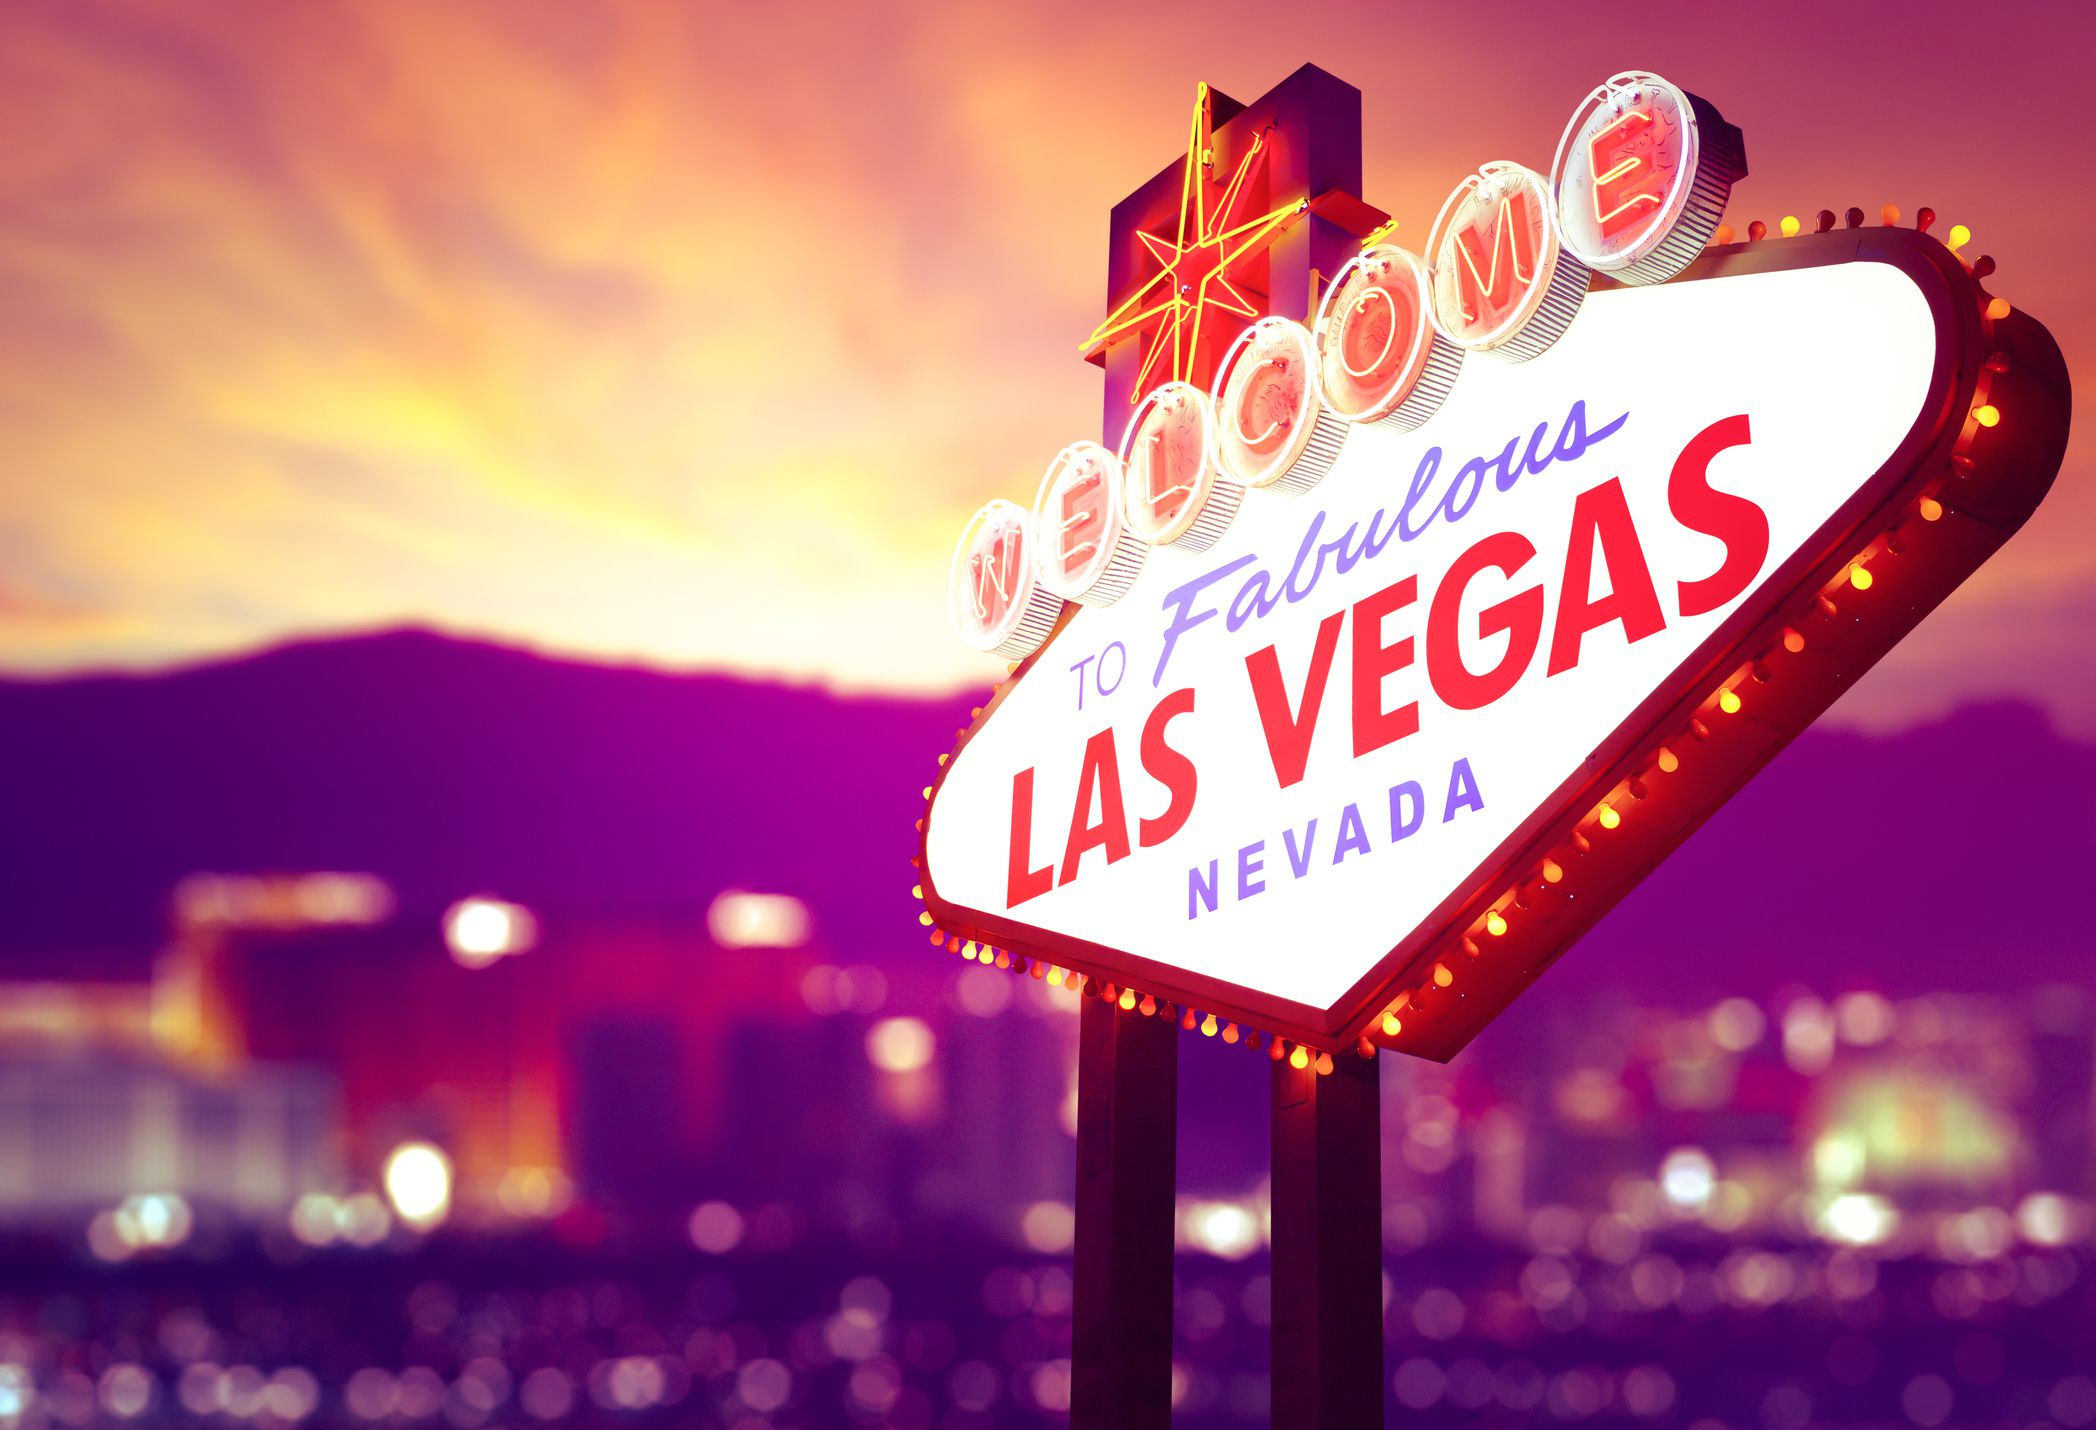 Лас вегас картинки с надписями